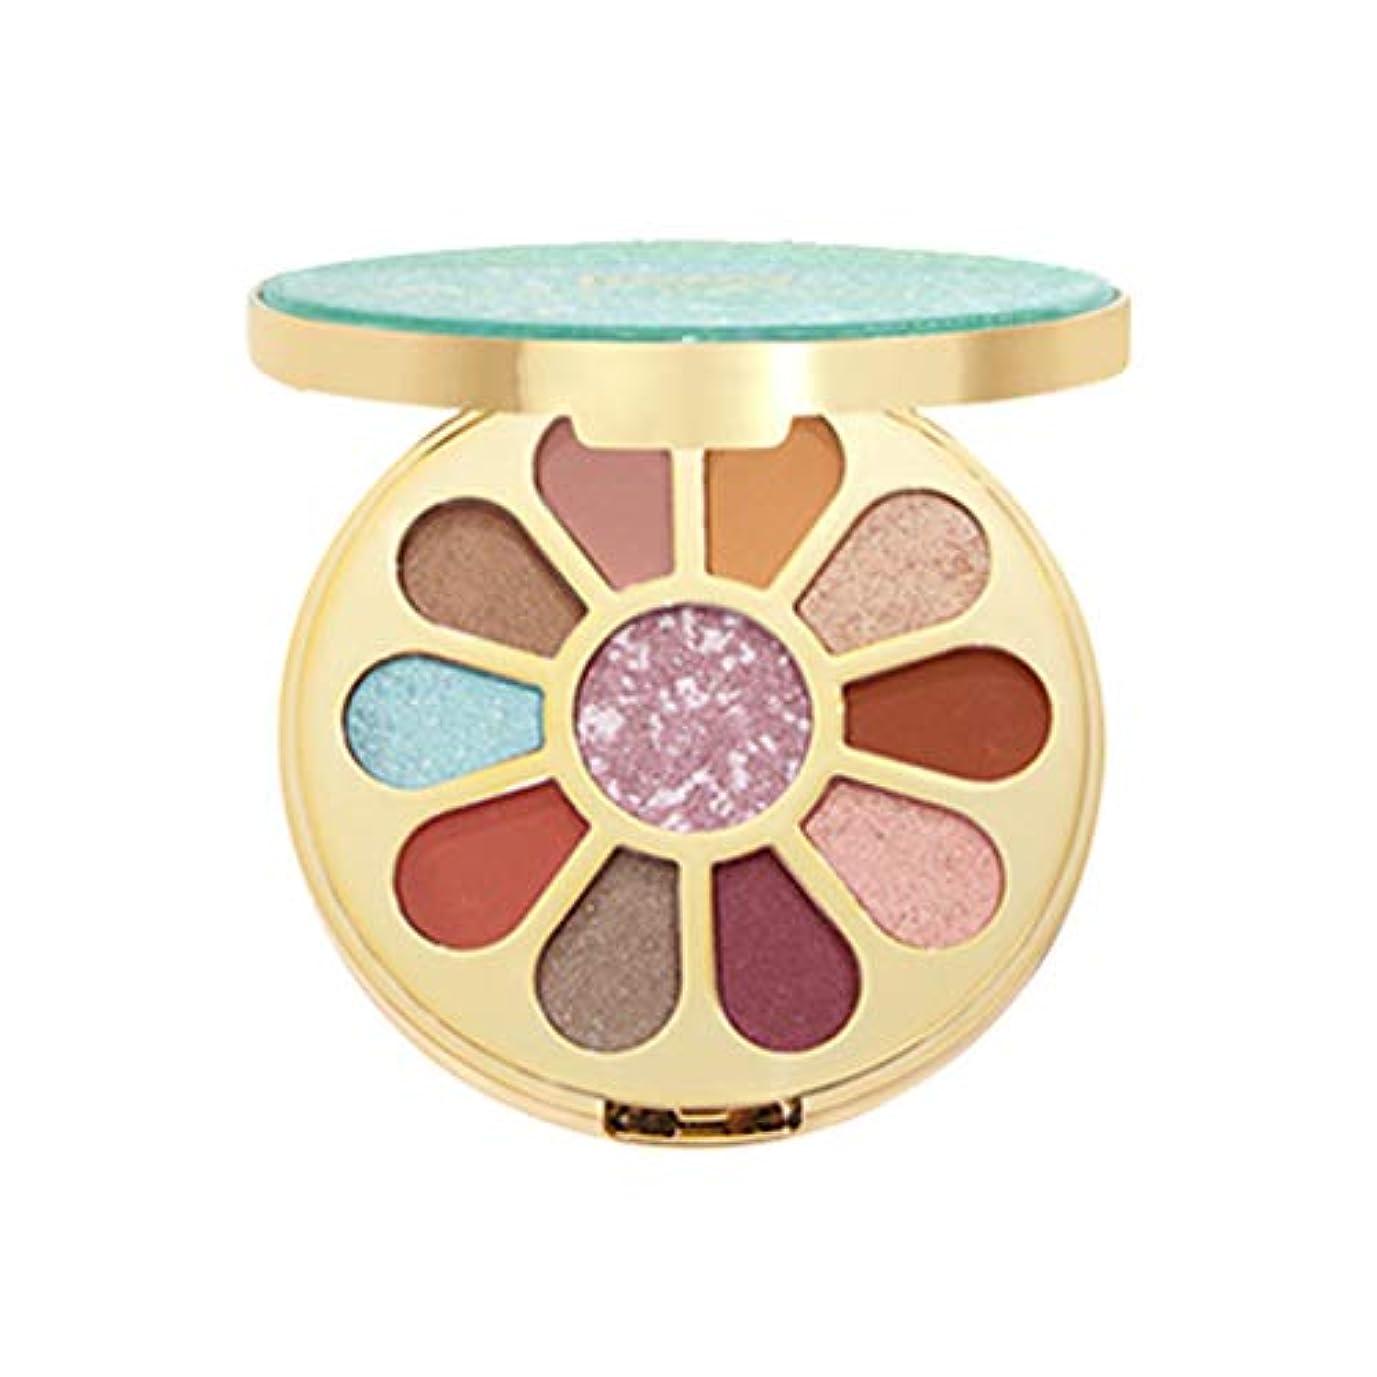 Lazayyii 化粧品 アイシャドウ きらめき アイシャドウ光沢パレットのきらめきセット 11色 (ブルー)